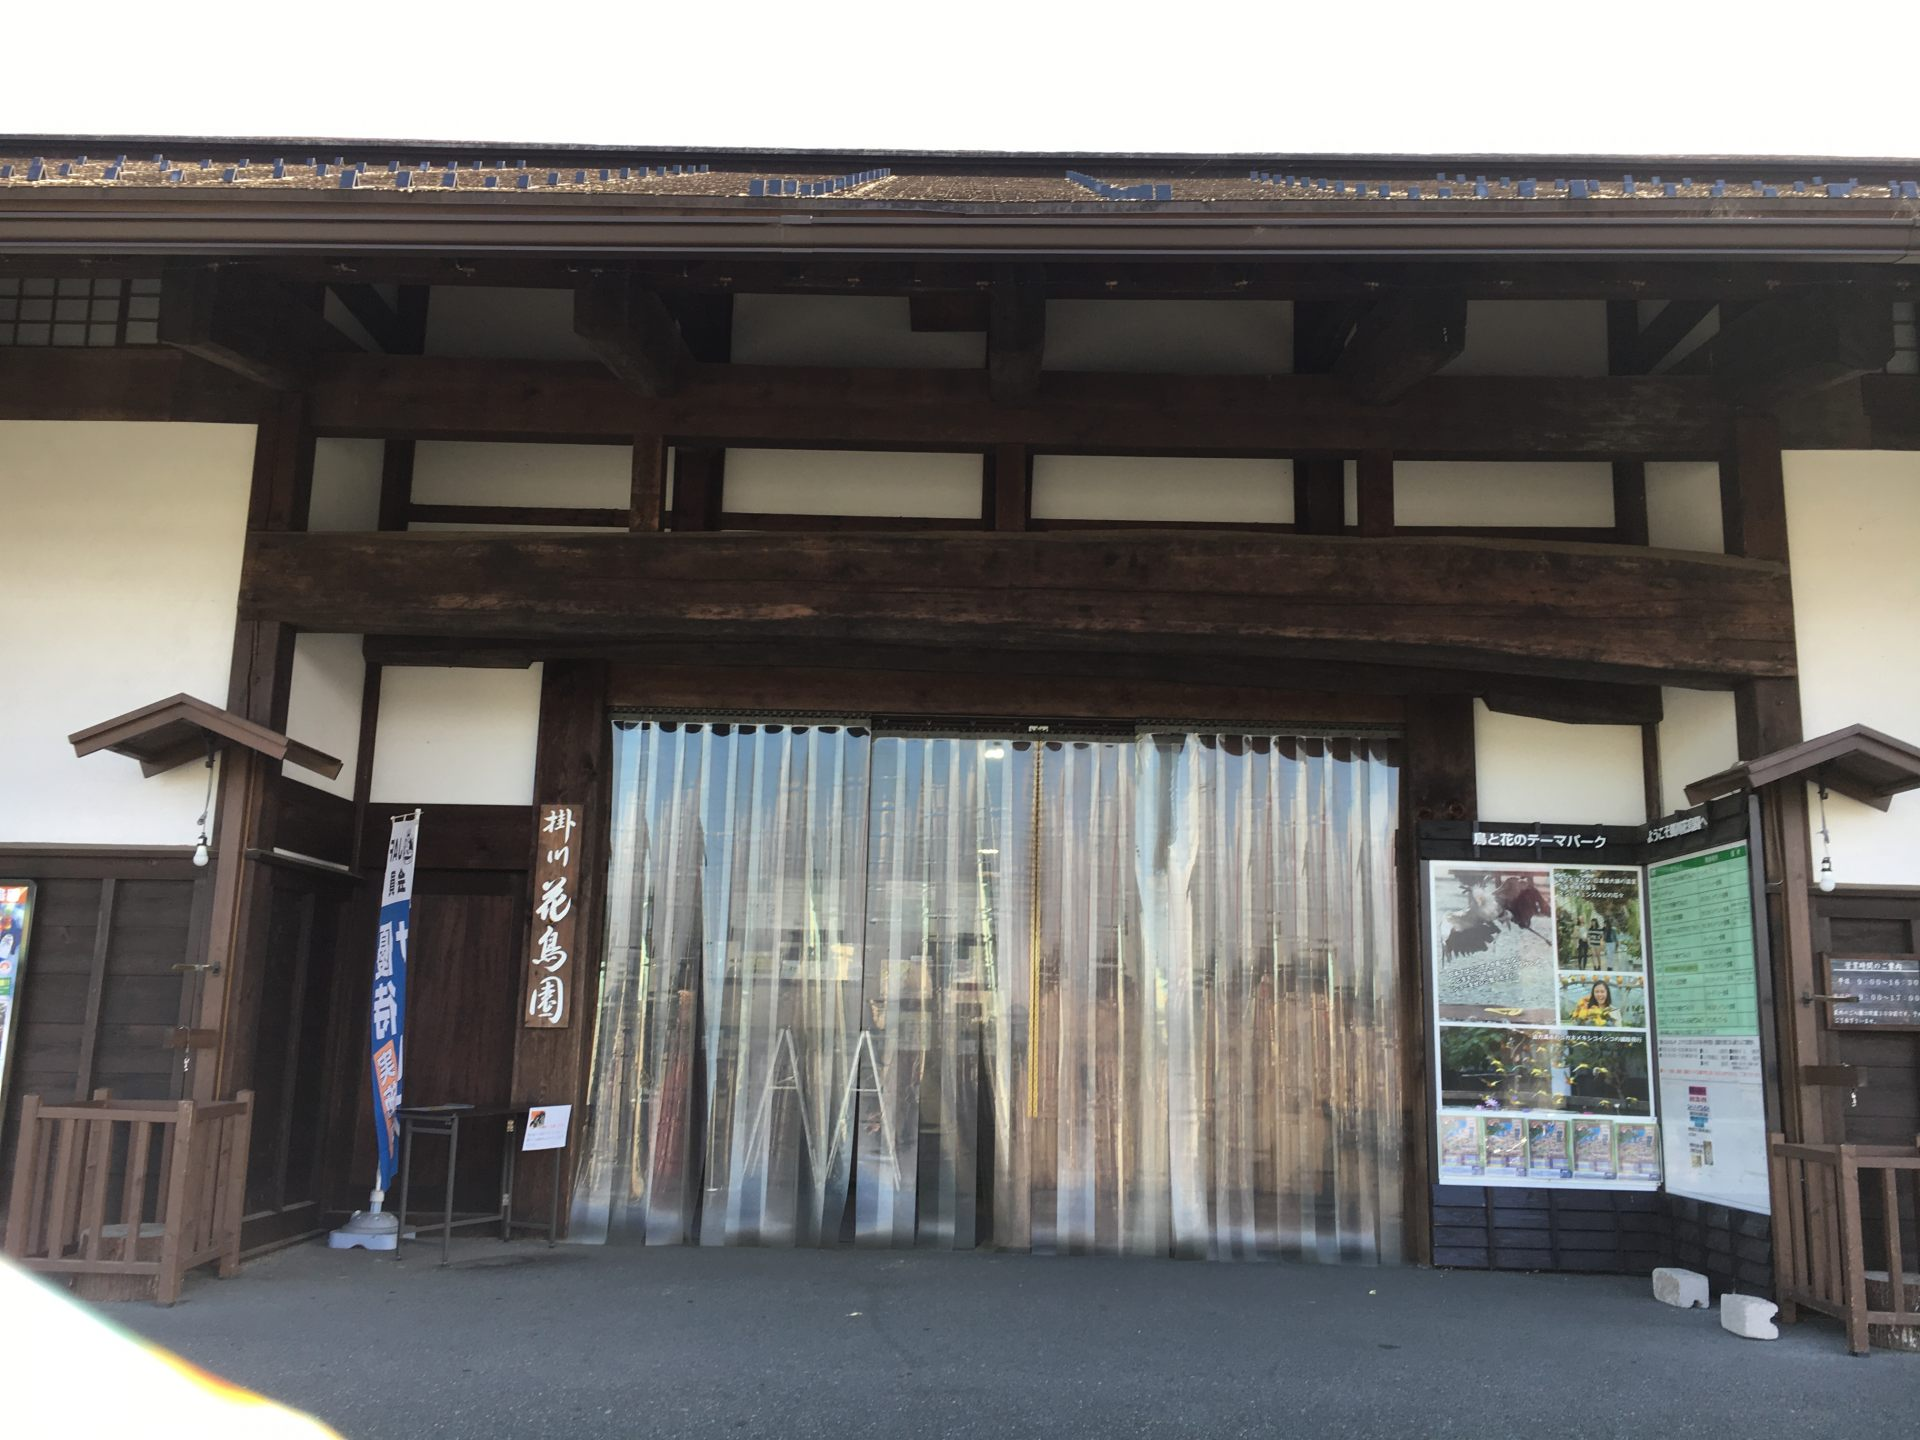 日式传统建筑风格的入口